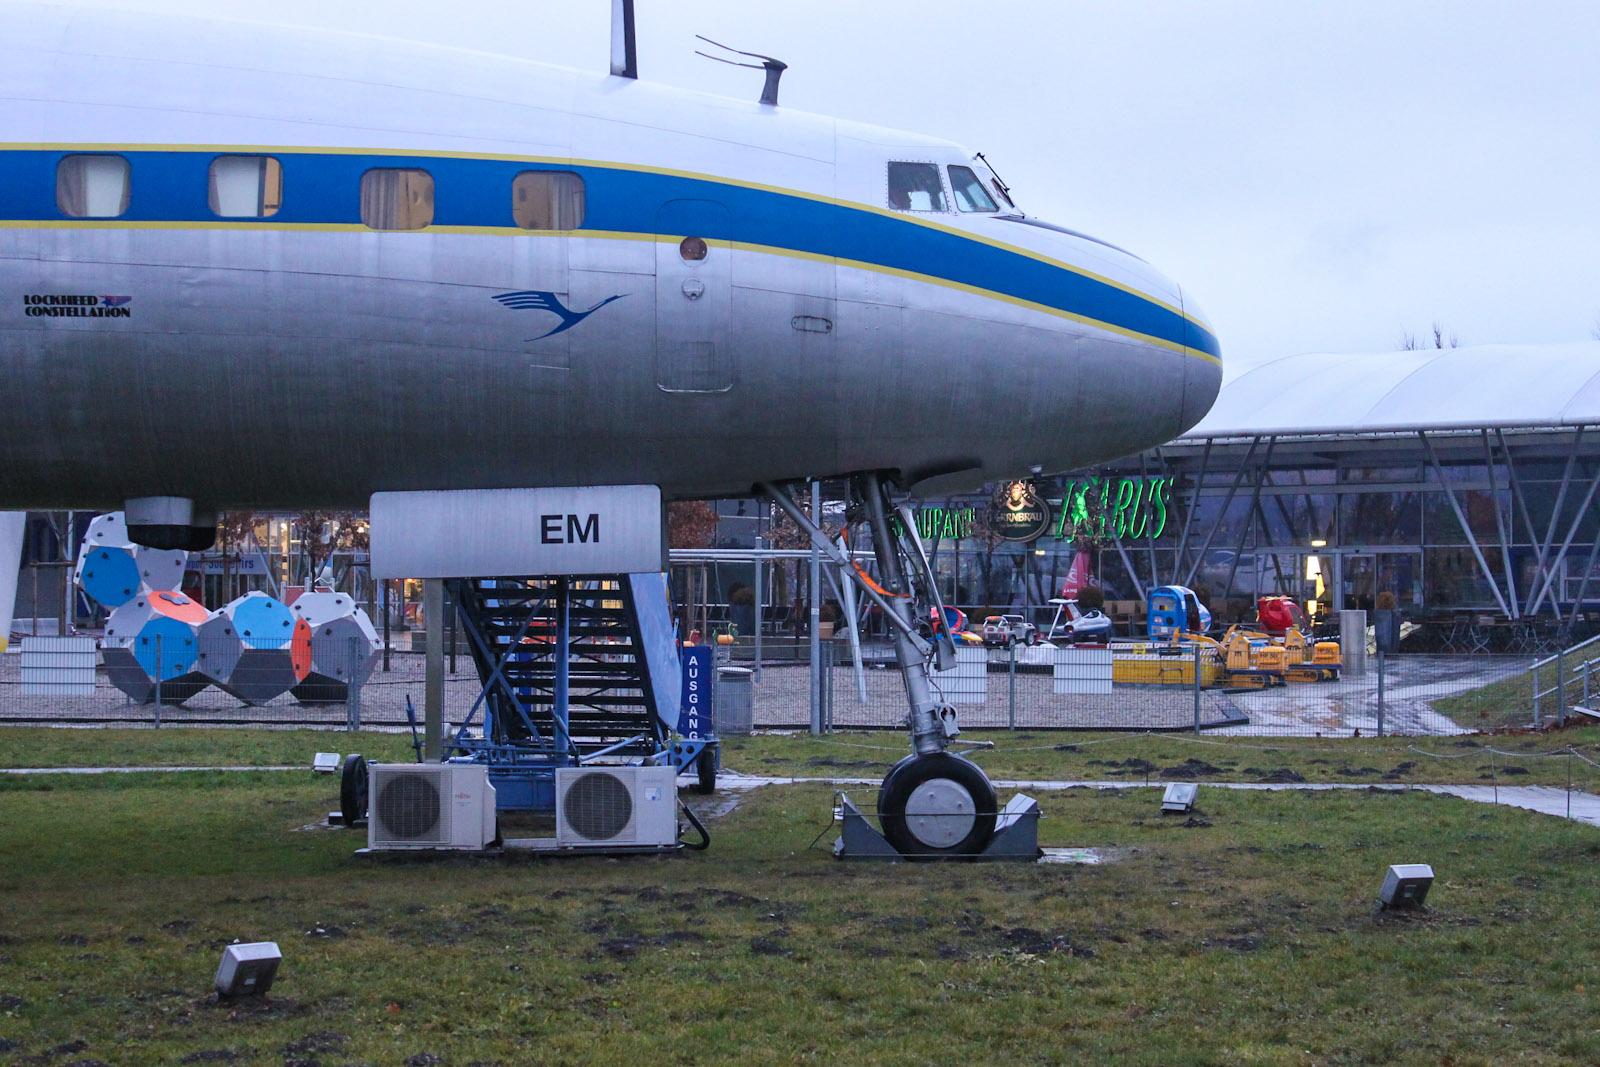 Носовая стойка шасси самолета Lockheed L-1049G Super Constellation